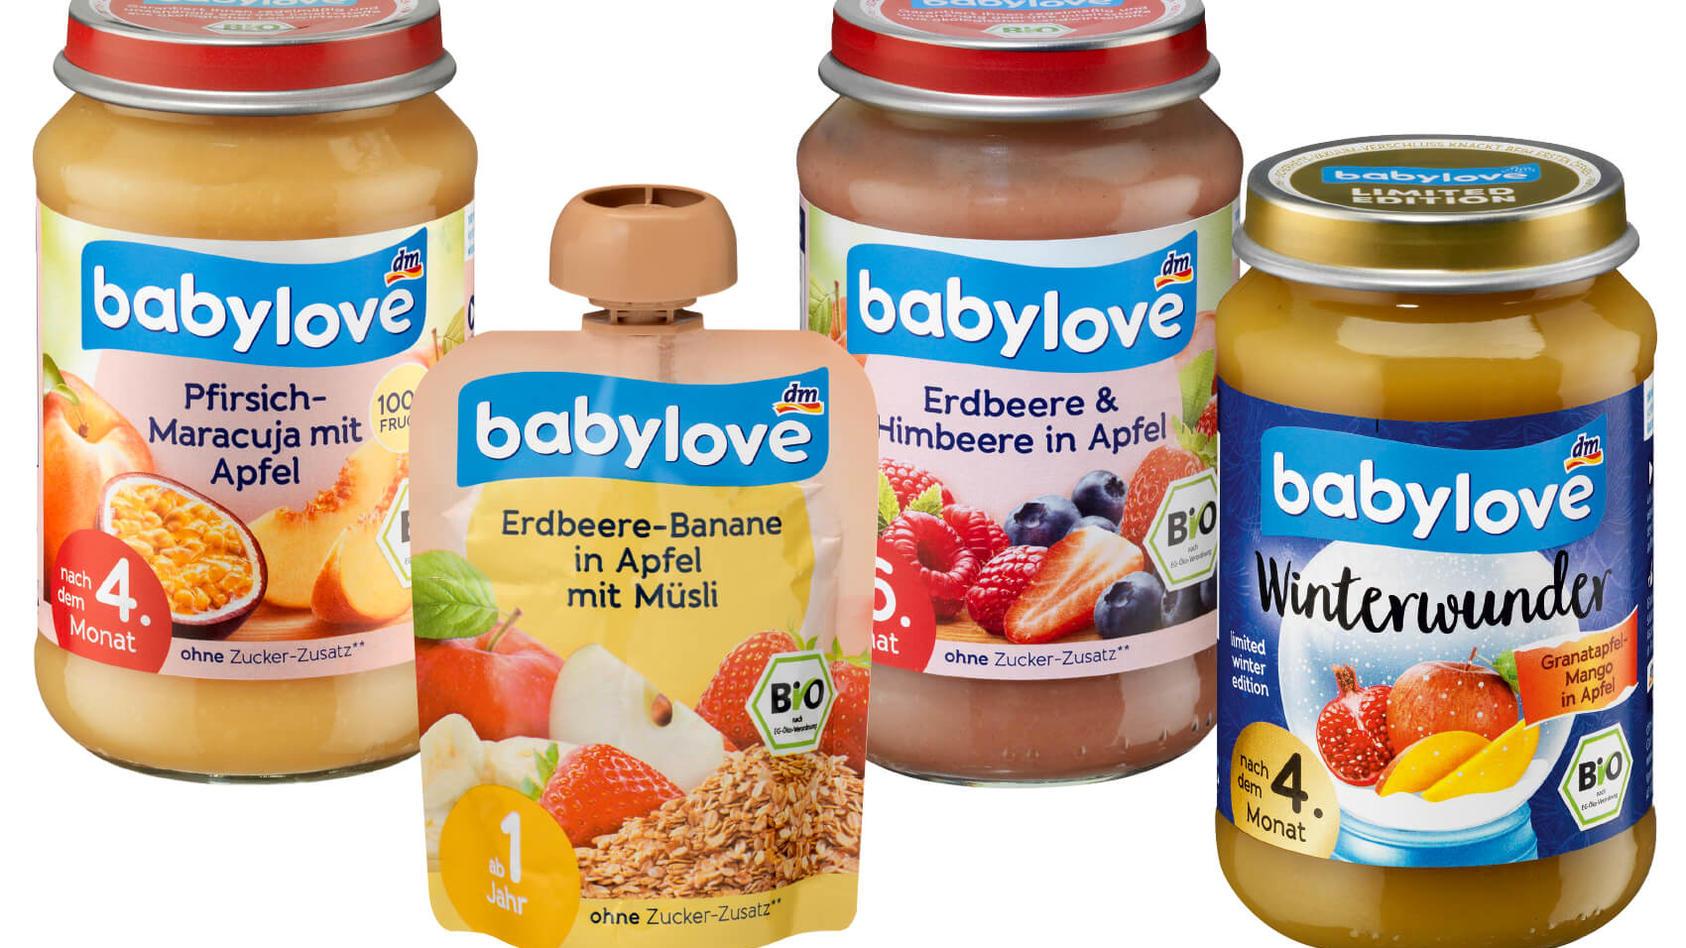 """Drogeriemarkt dm ruft """"babylove""""-Produkte zurück."""